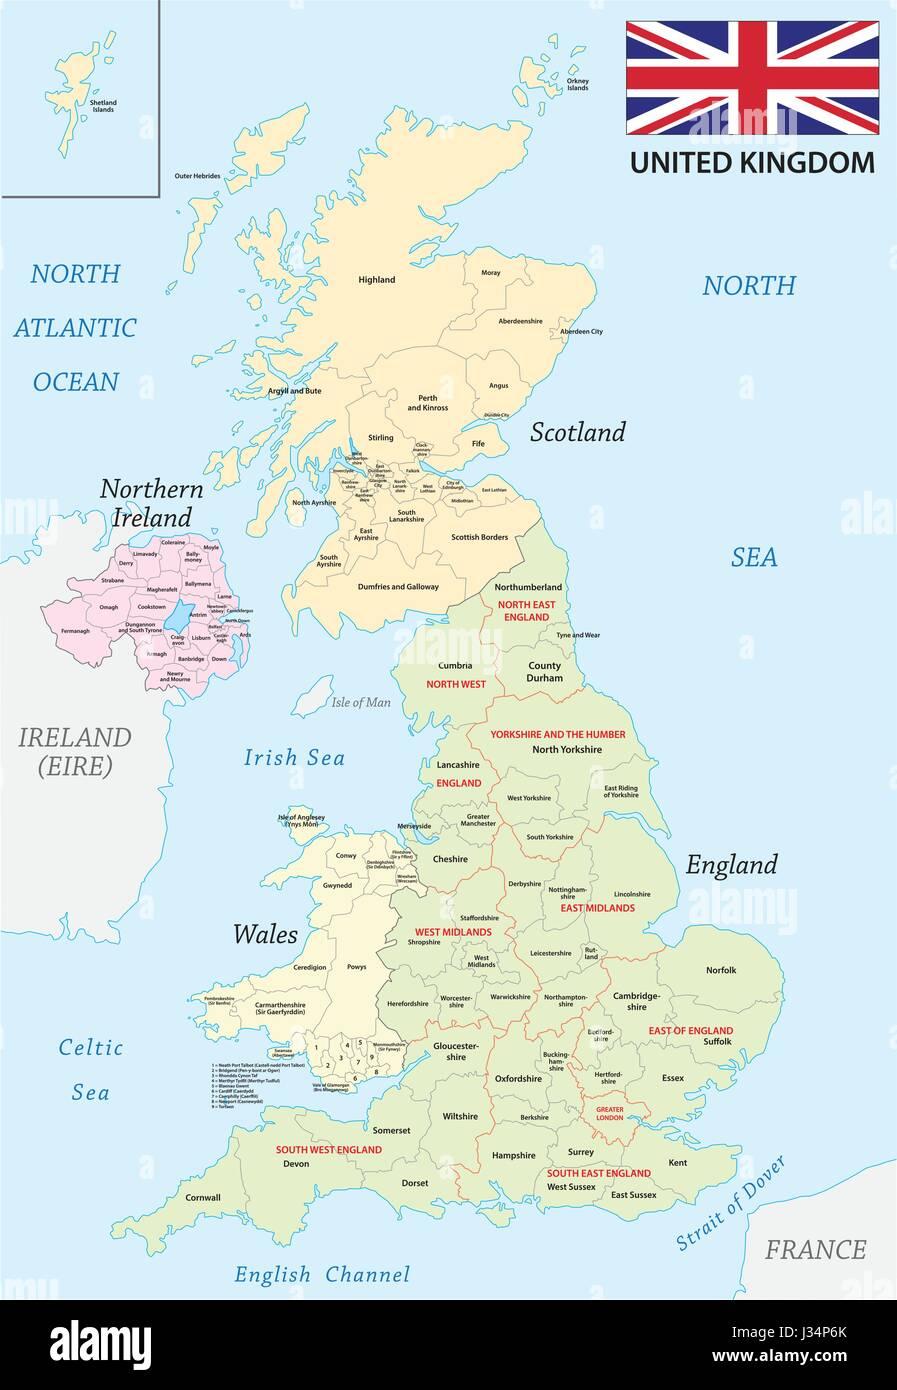 Reino Unido Mapa Administrativo Y Politico Con La Bandera